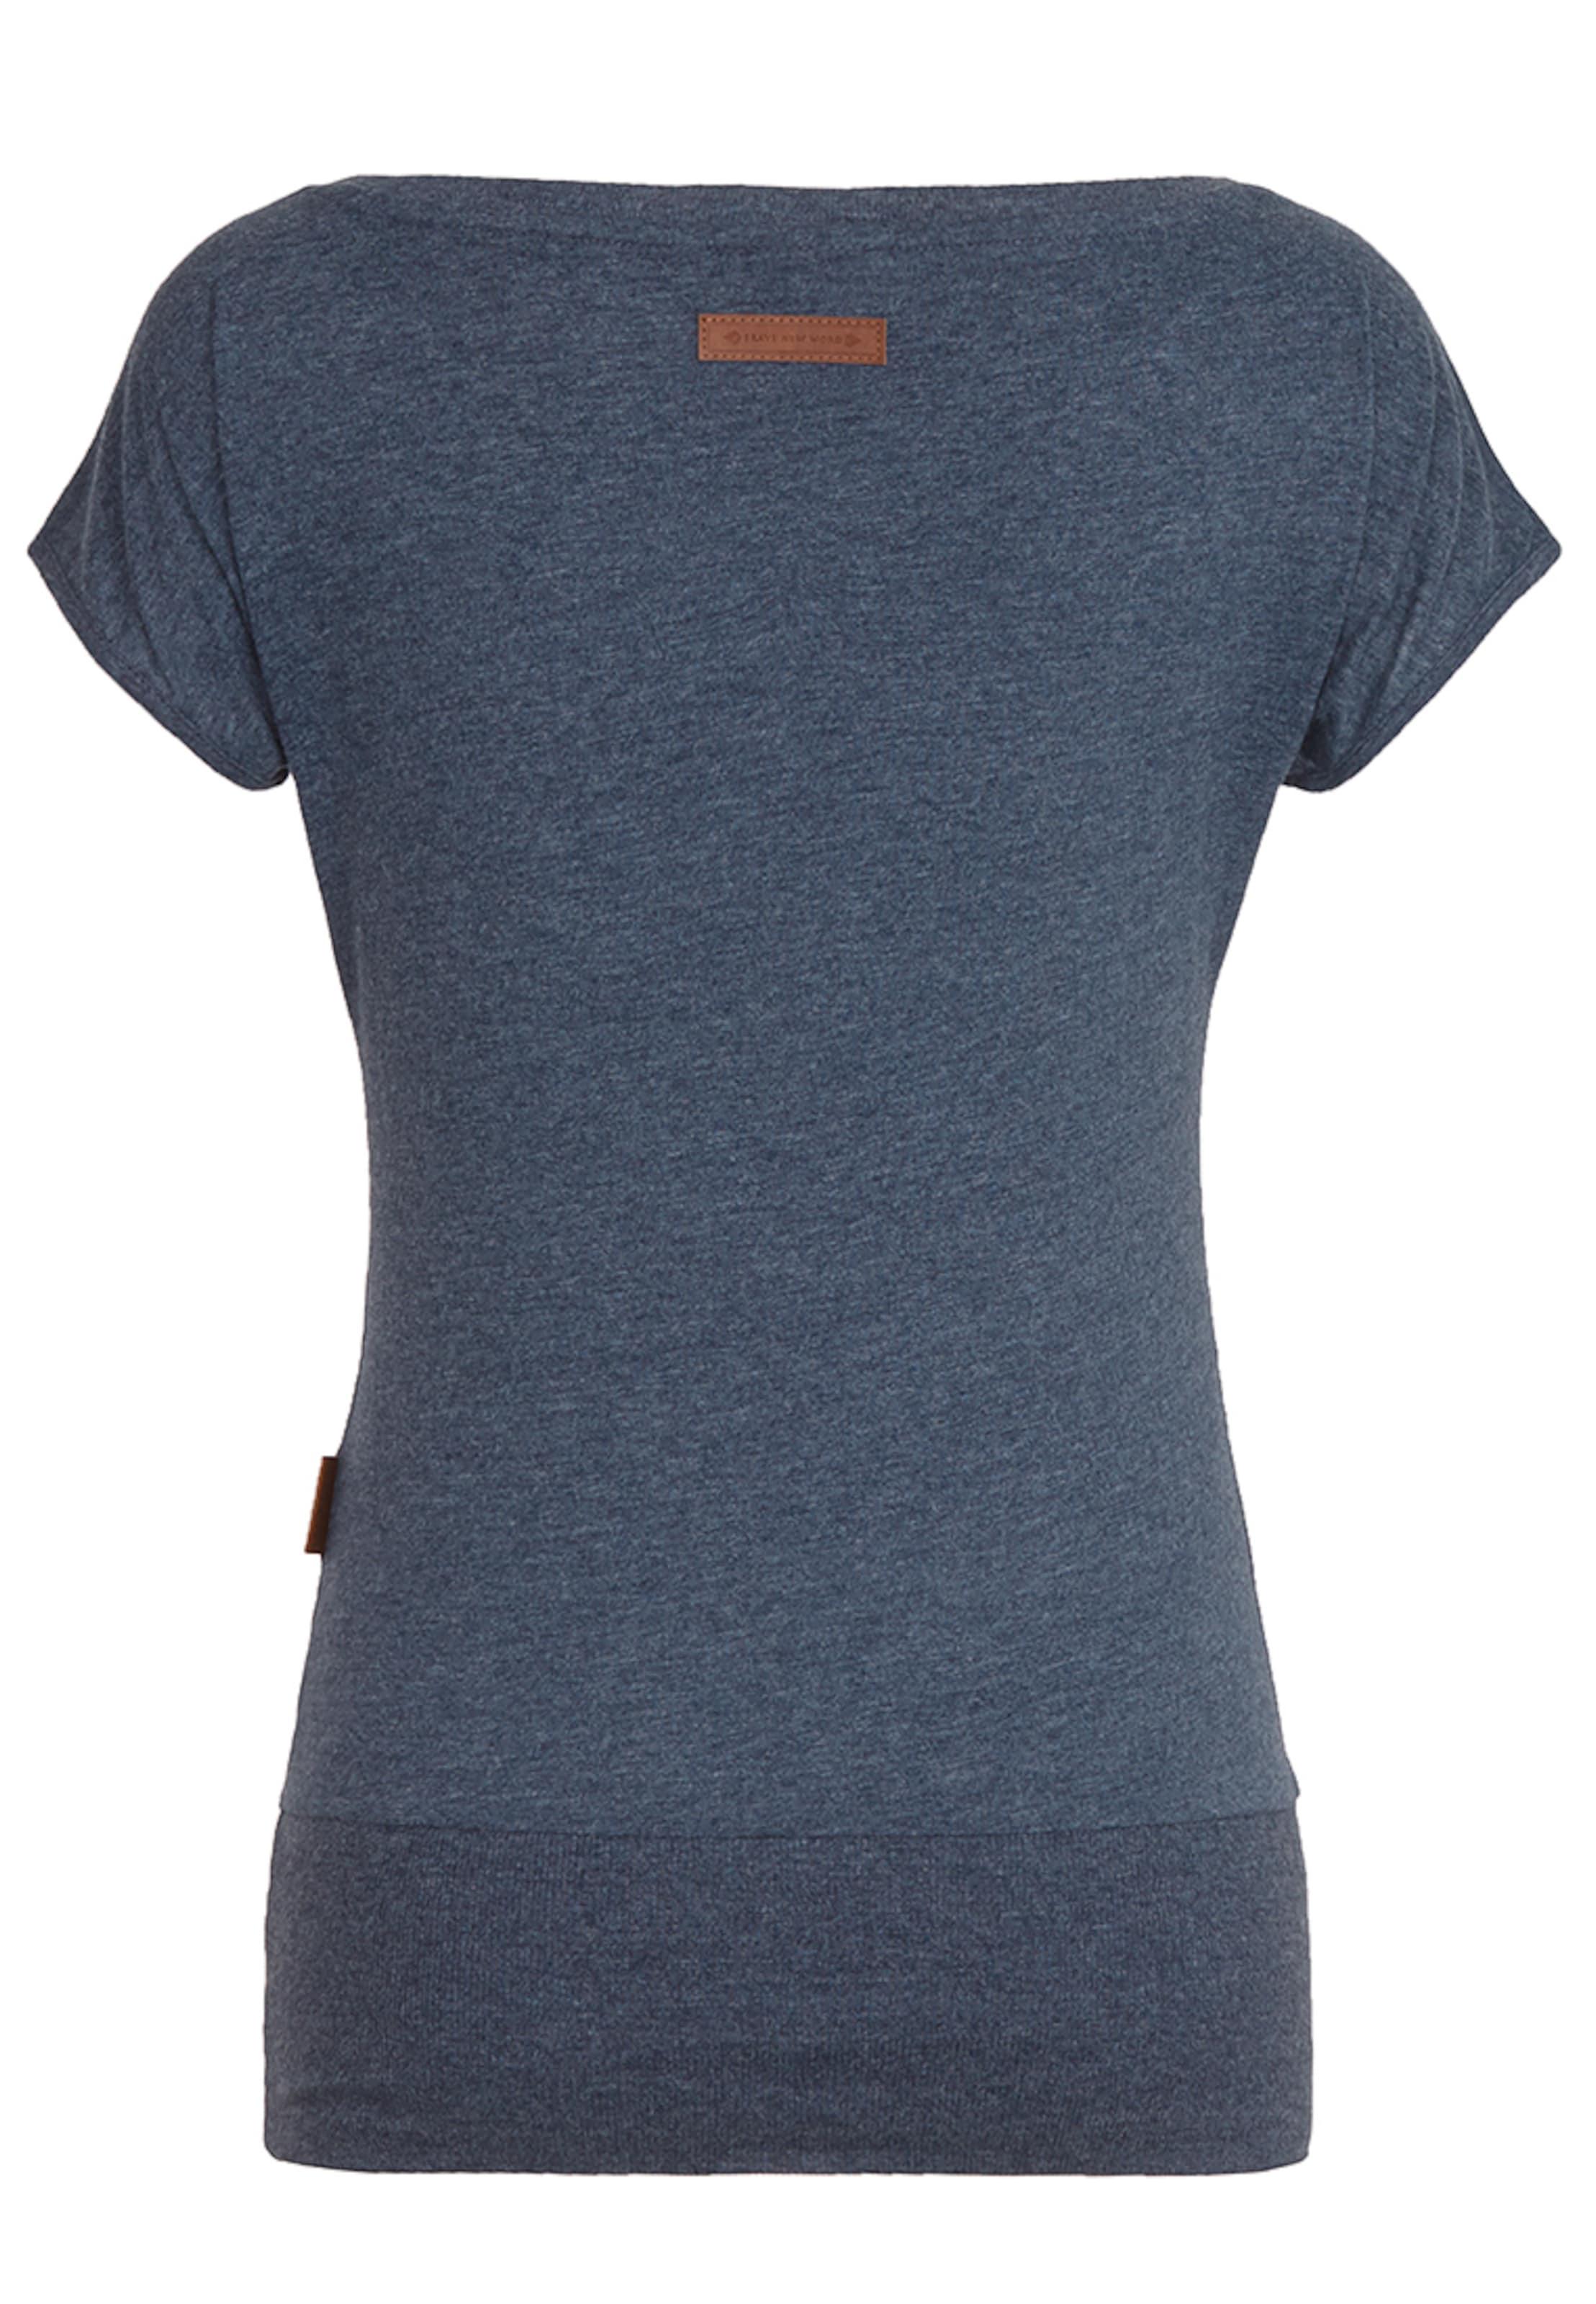 naketano T-Shirt 'Wolle' Günstig Kaufen Billig kN9Cmxs